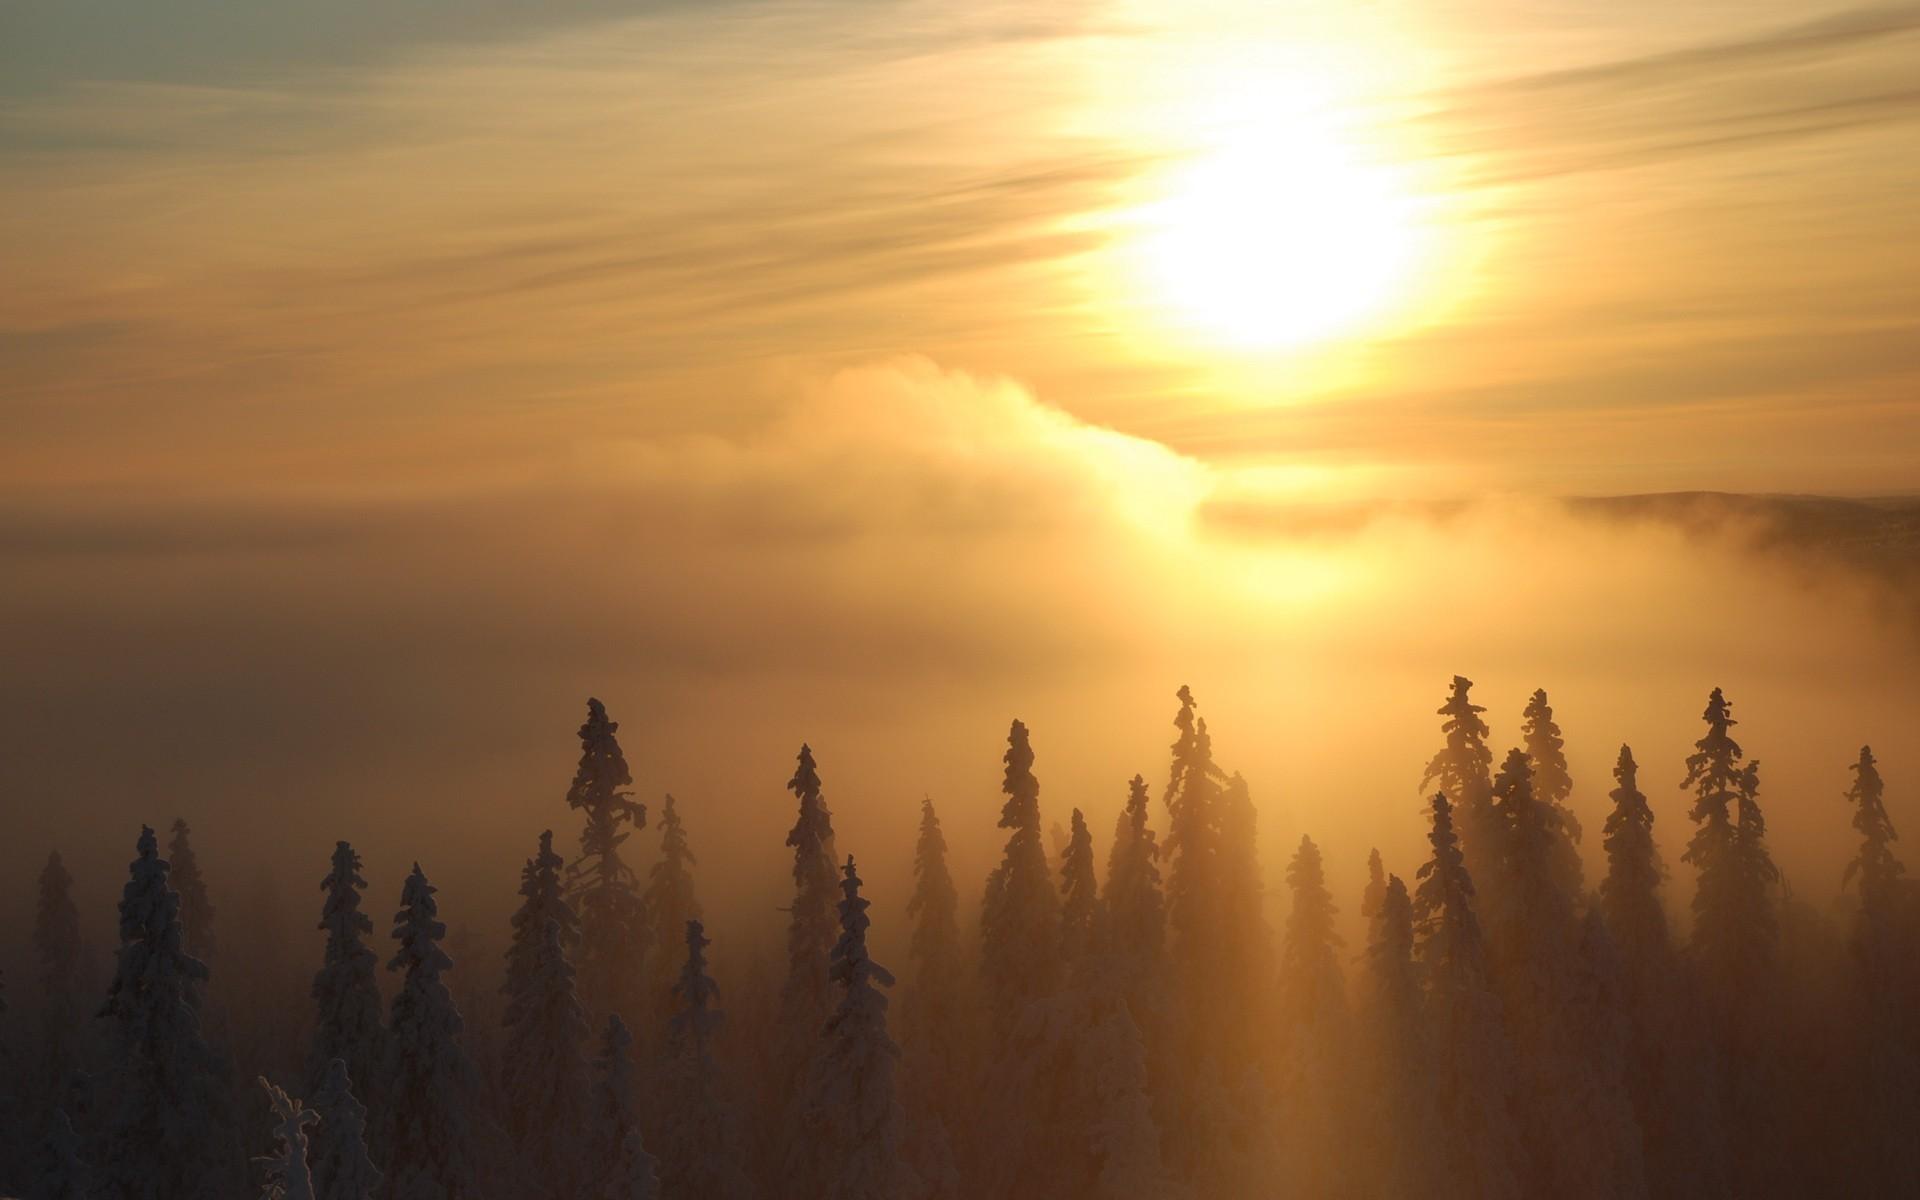 Закат в тумане в лесу  № 1140014 загрузить